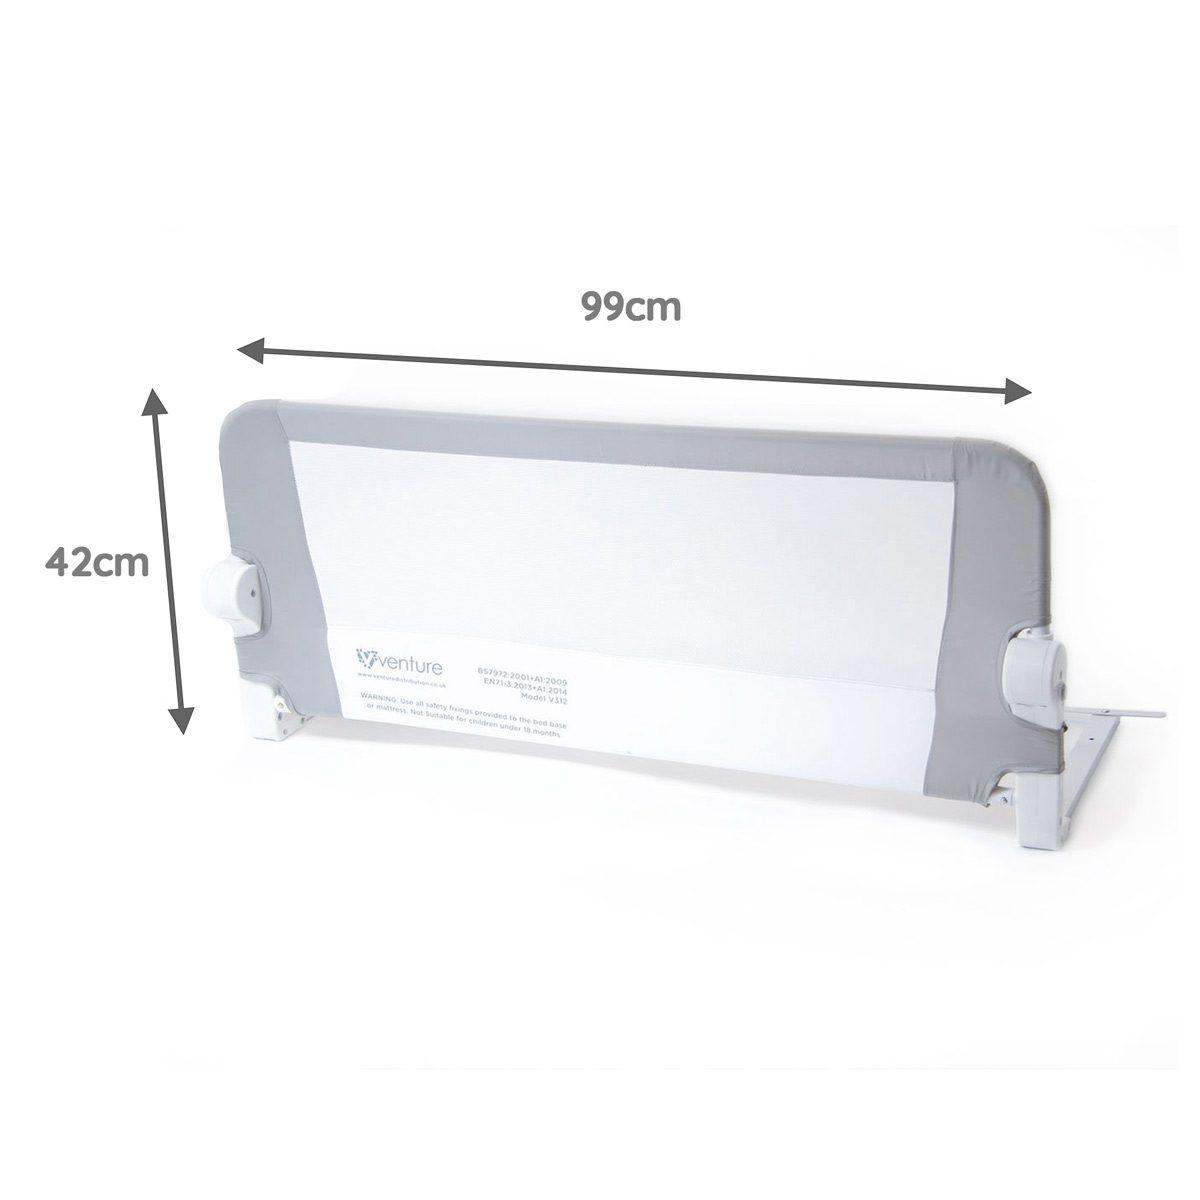 Venture Q-Fix Bed Guard Dimensions